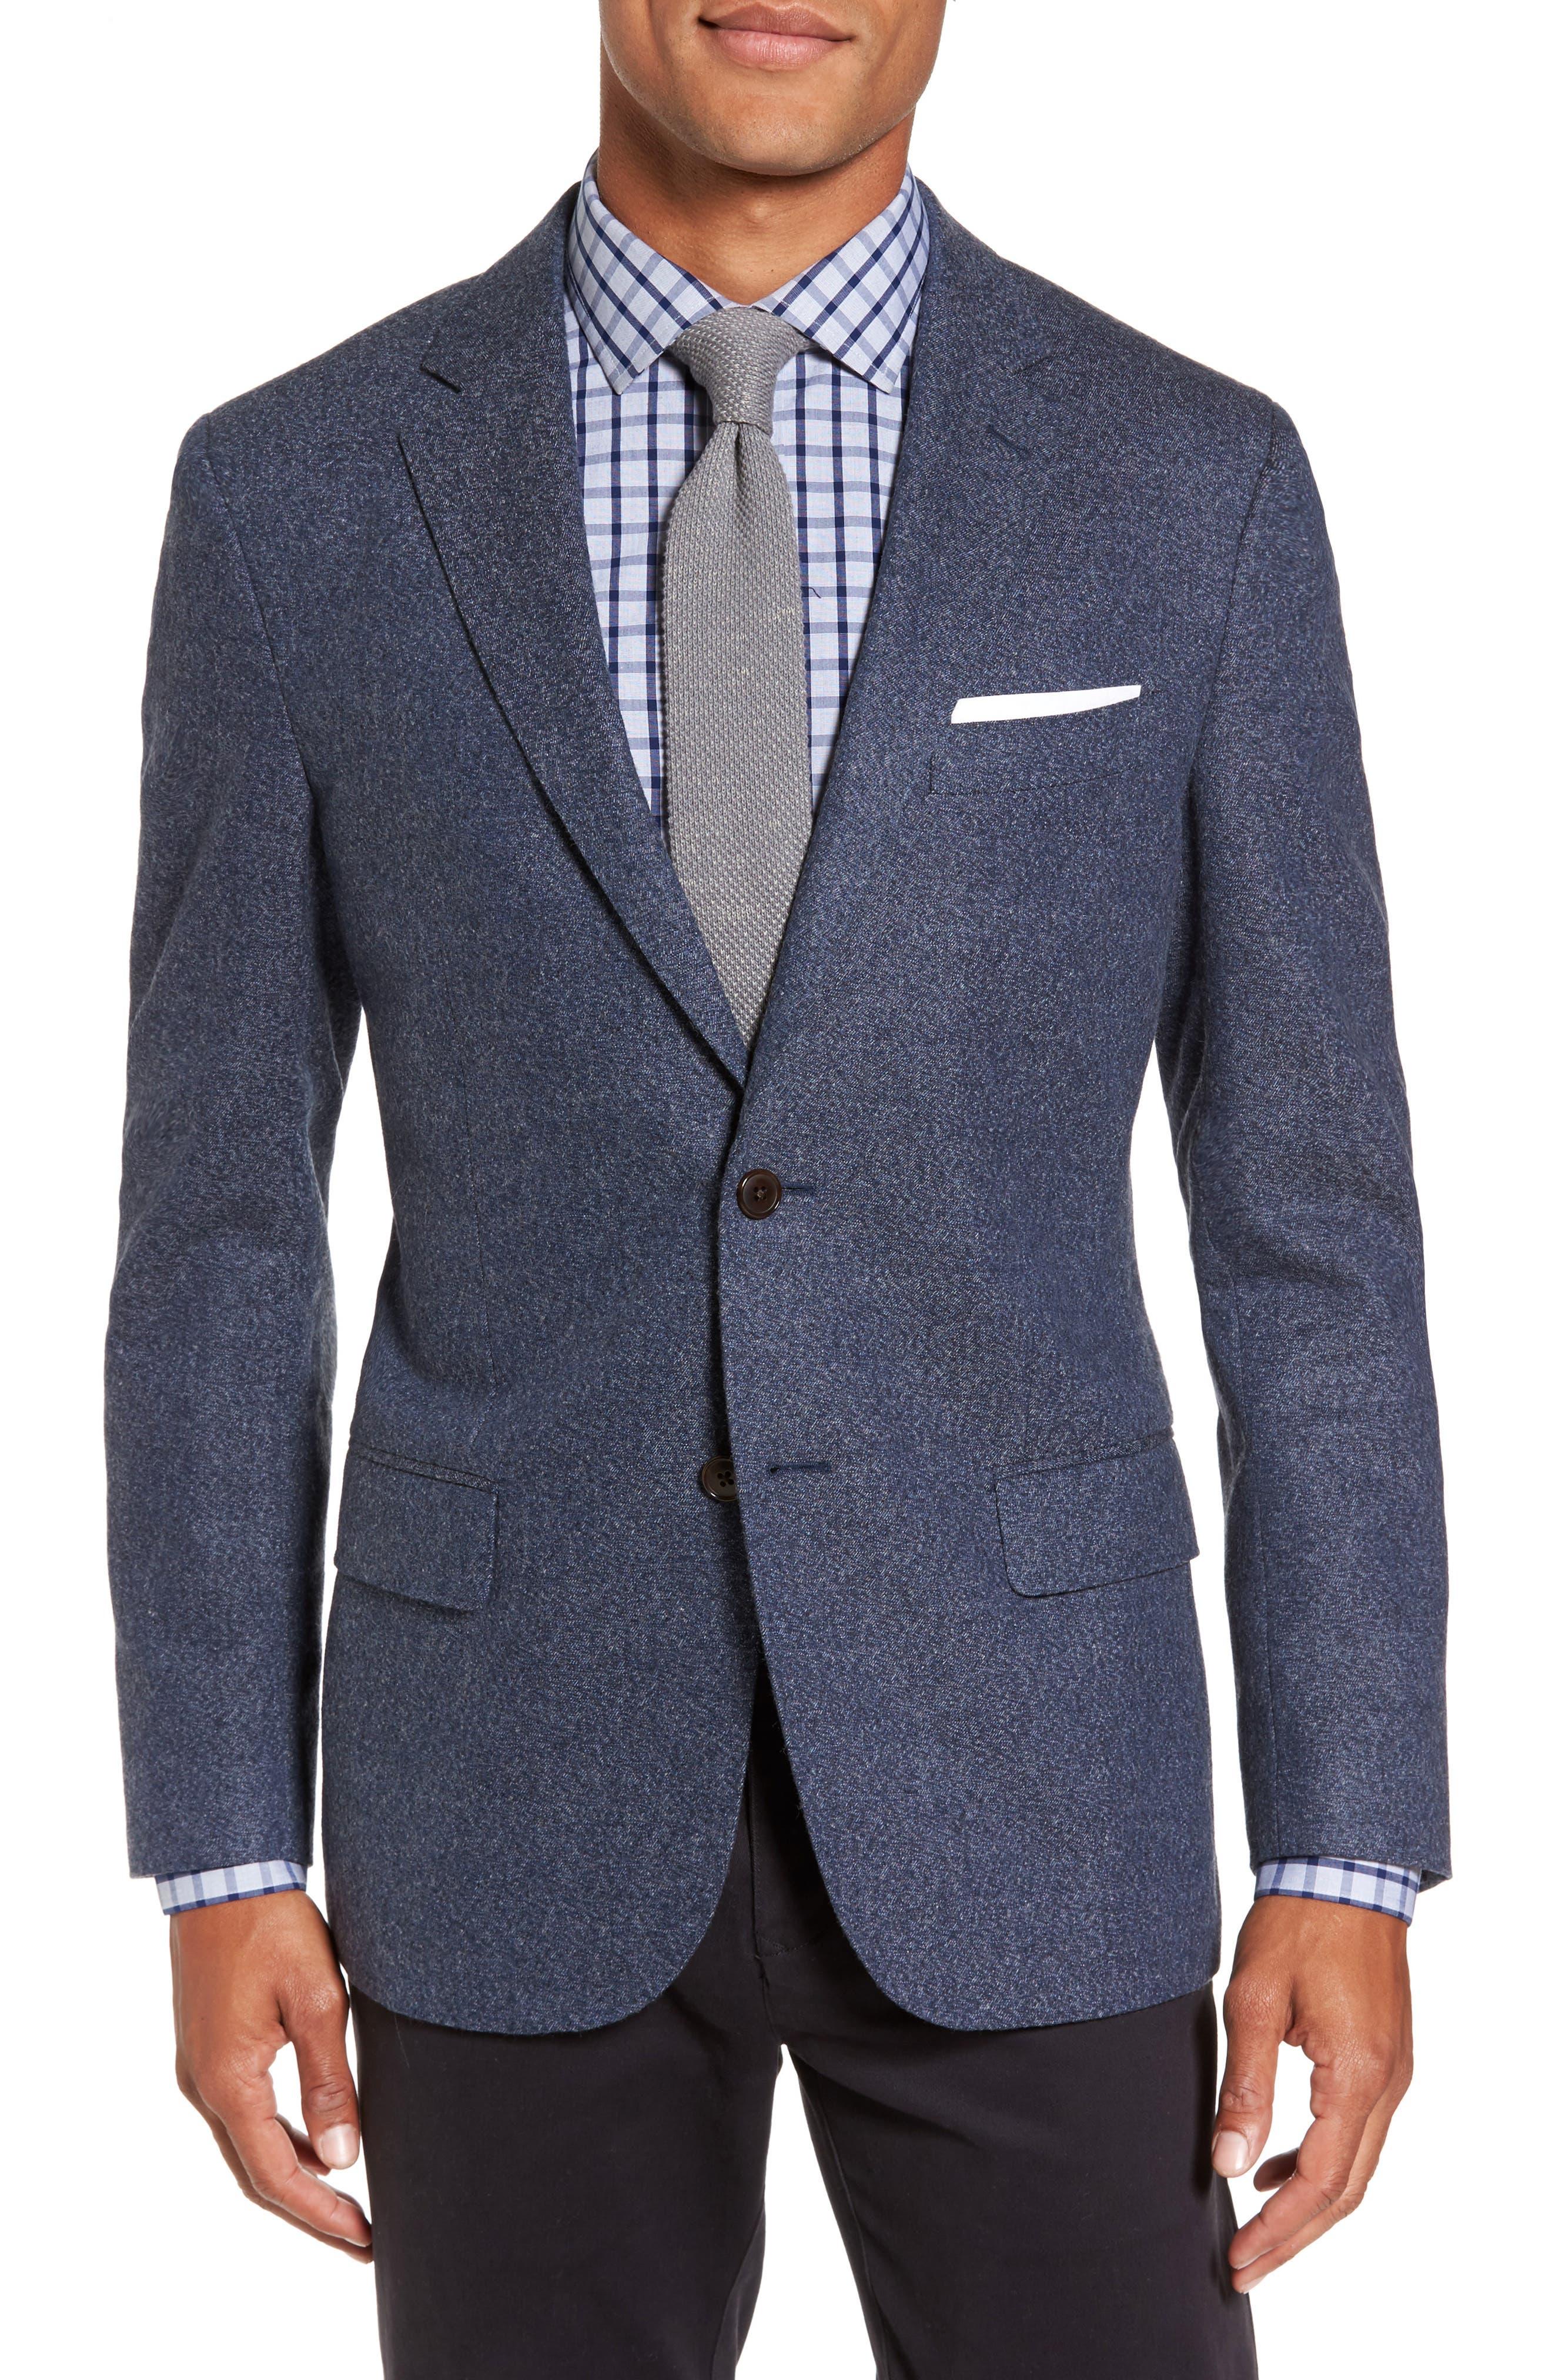 Alternate Image 1 Selected - Rodd & Gunn Charleston Wool Blend Sport Coat